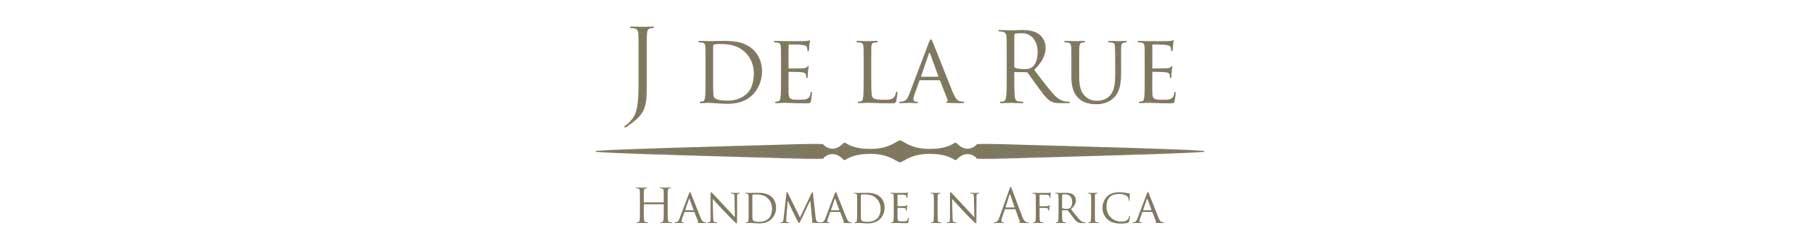 Logo-Landing-Page-Narrow